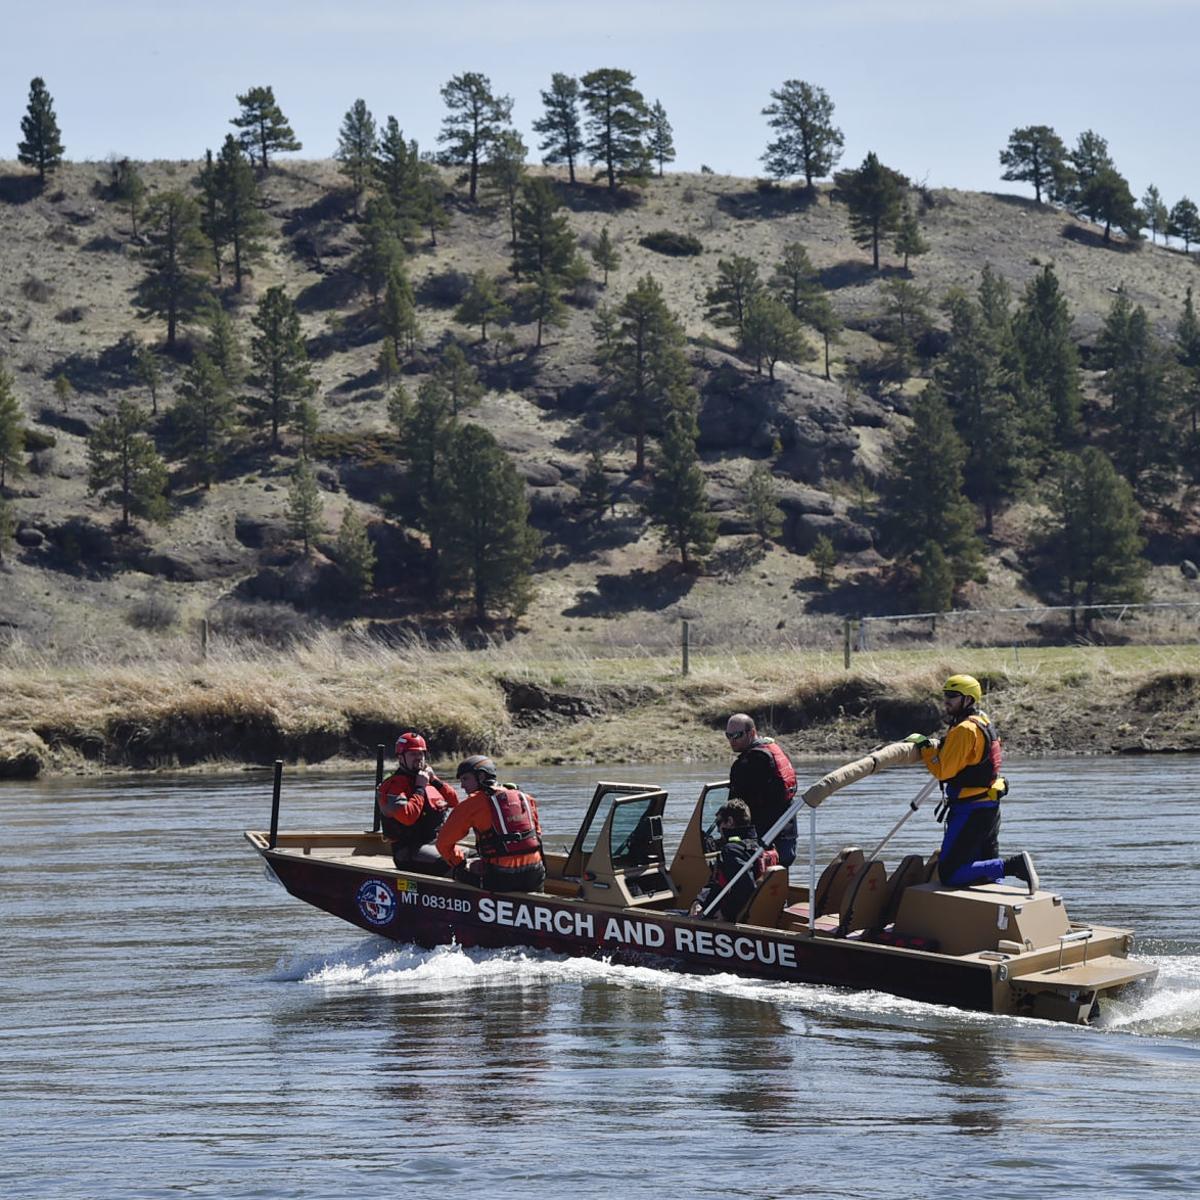 Man found in Missouri River near Craig died by suicide